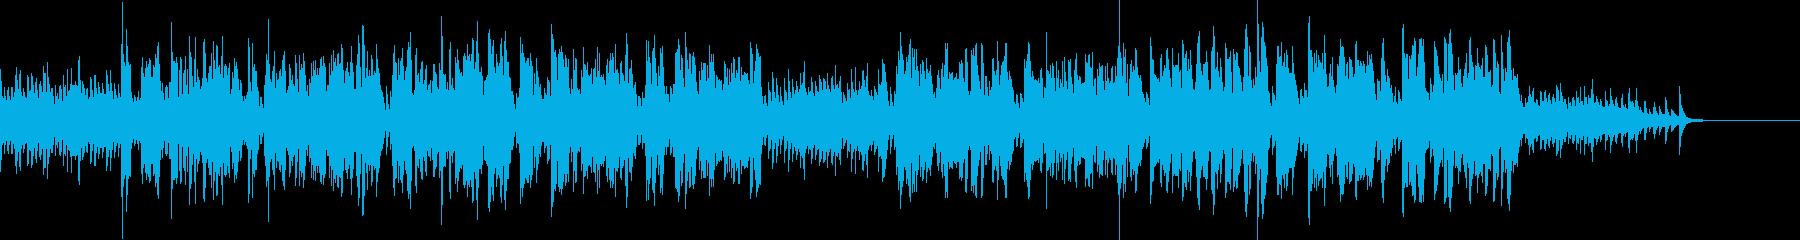 一途な思いを歌うピアノバラードの再生済みの波形